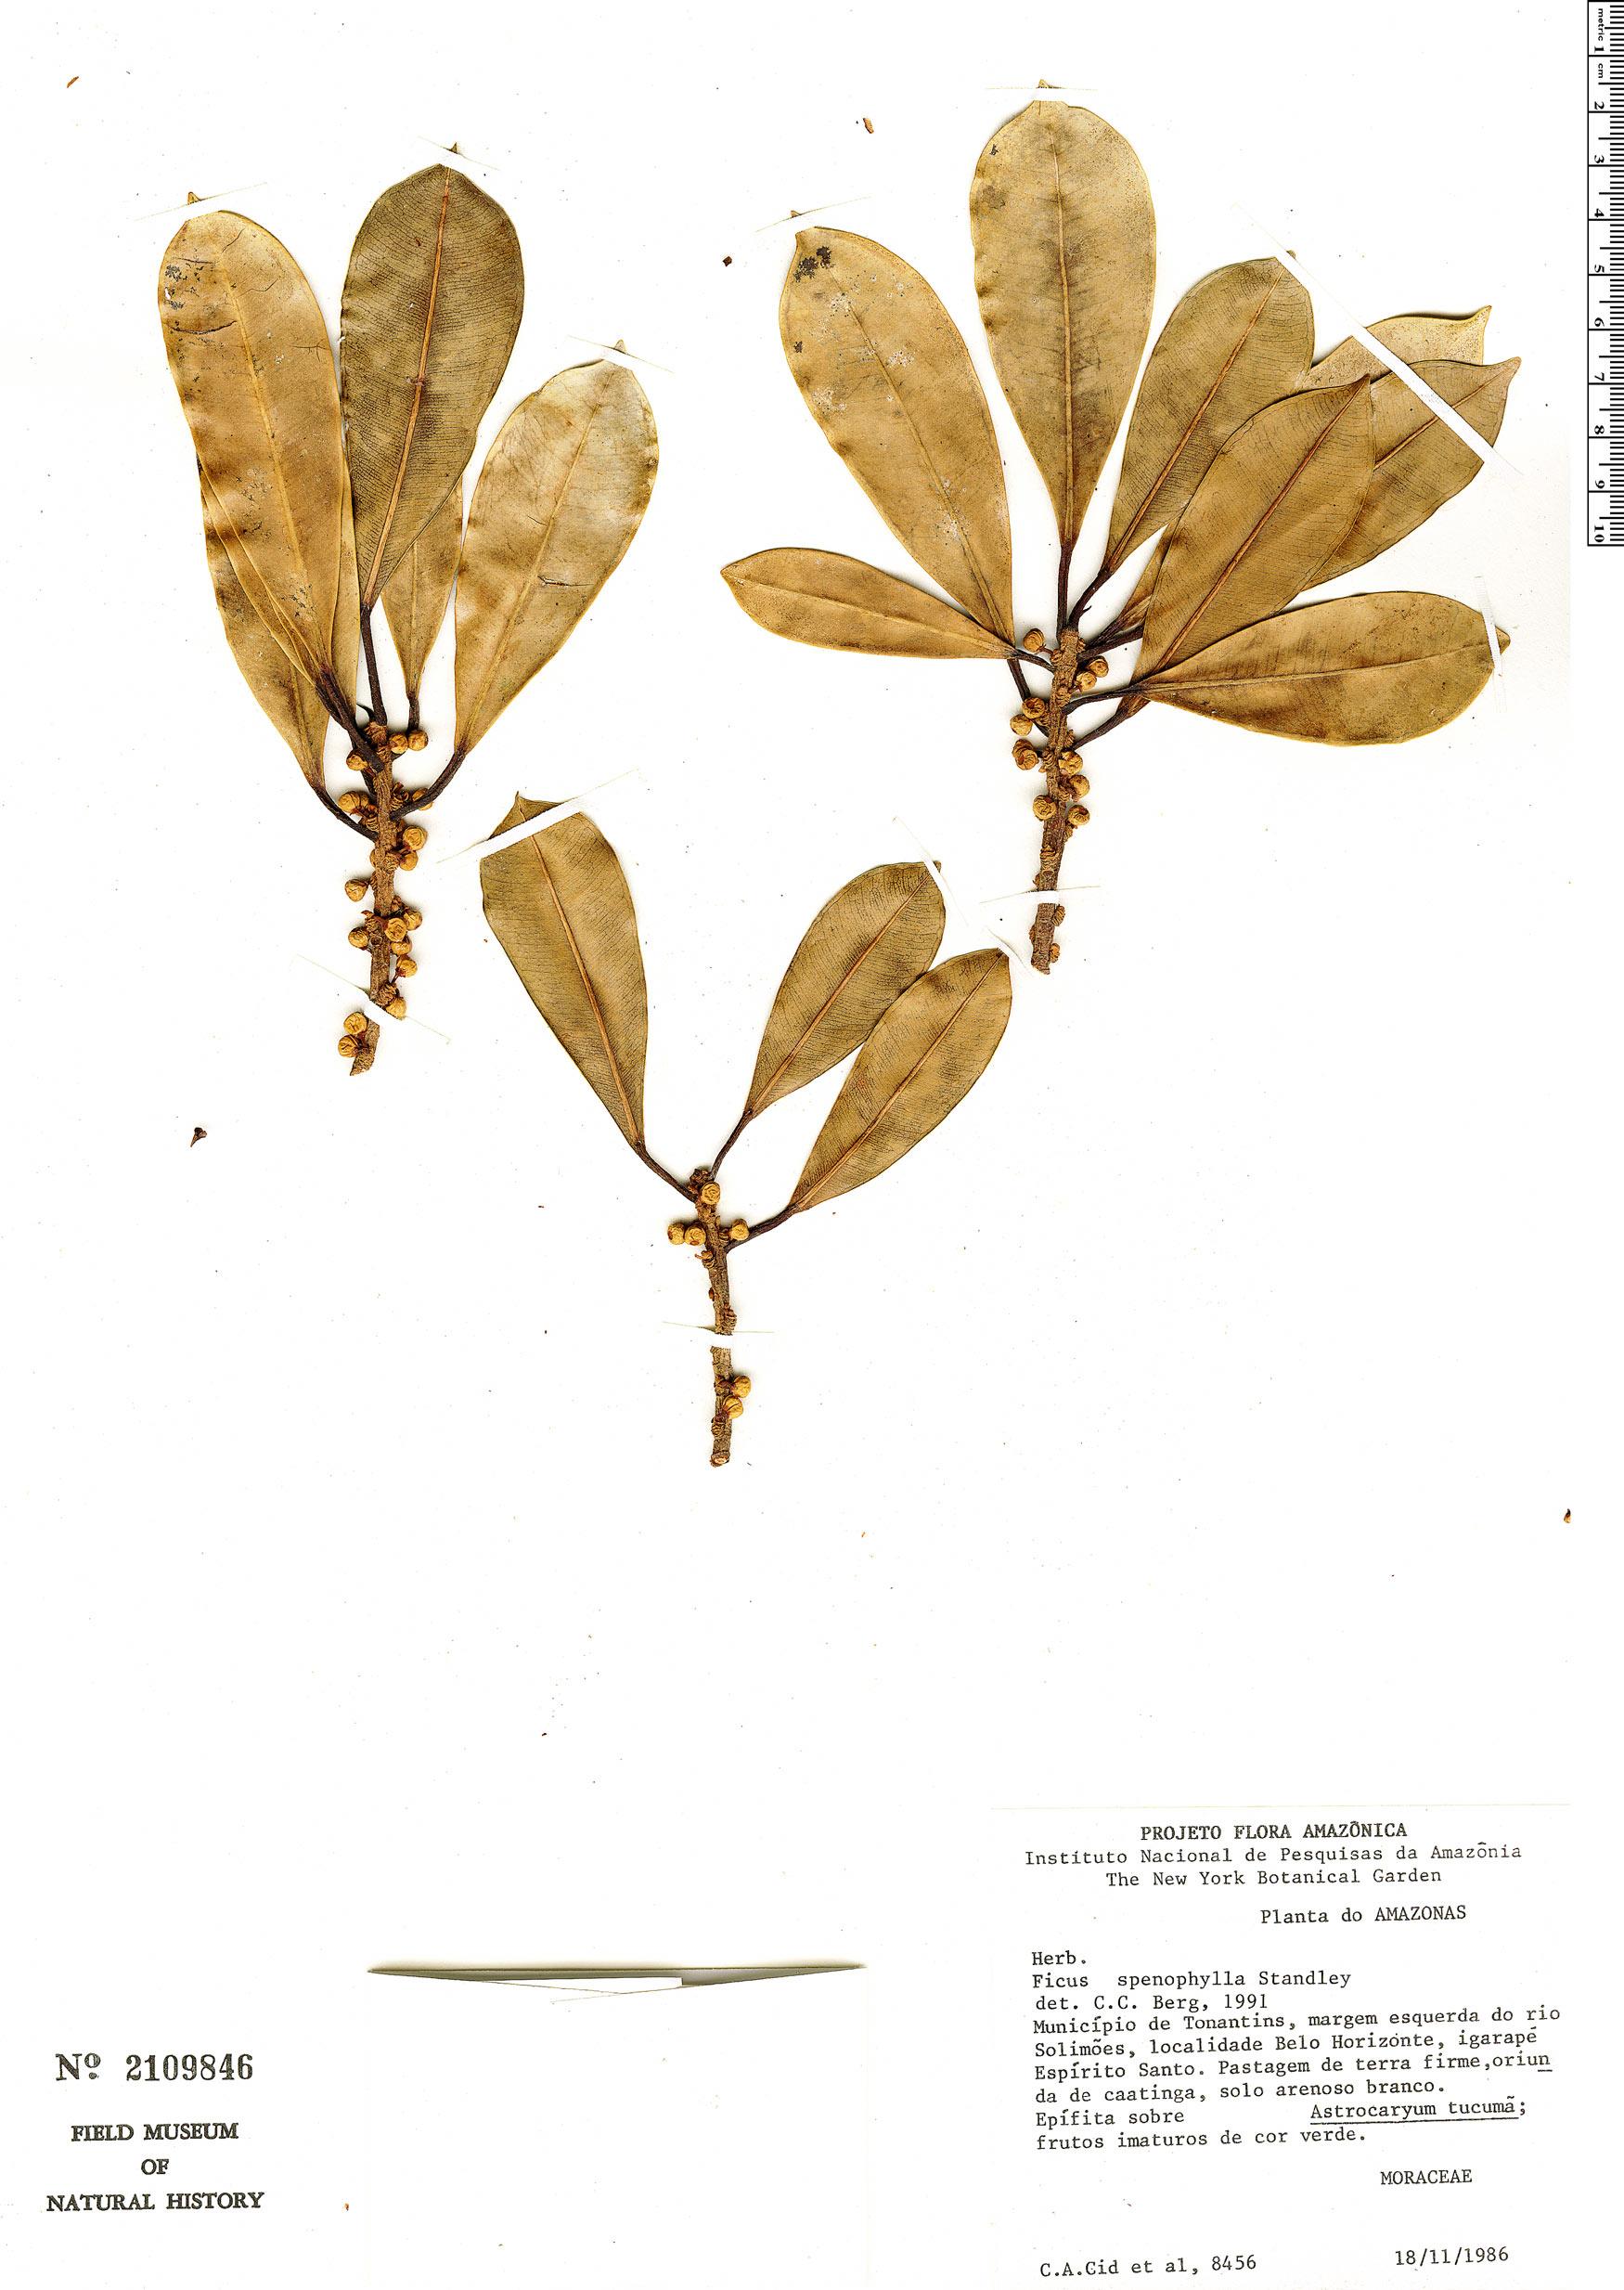 Specimen: Ficus sphenophylla